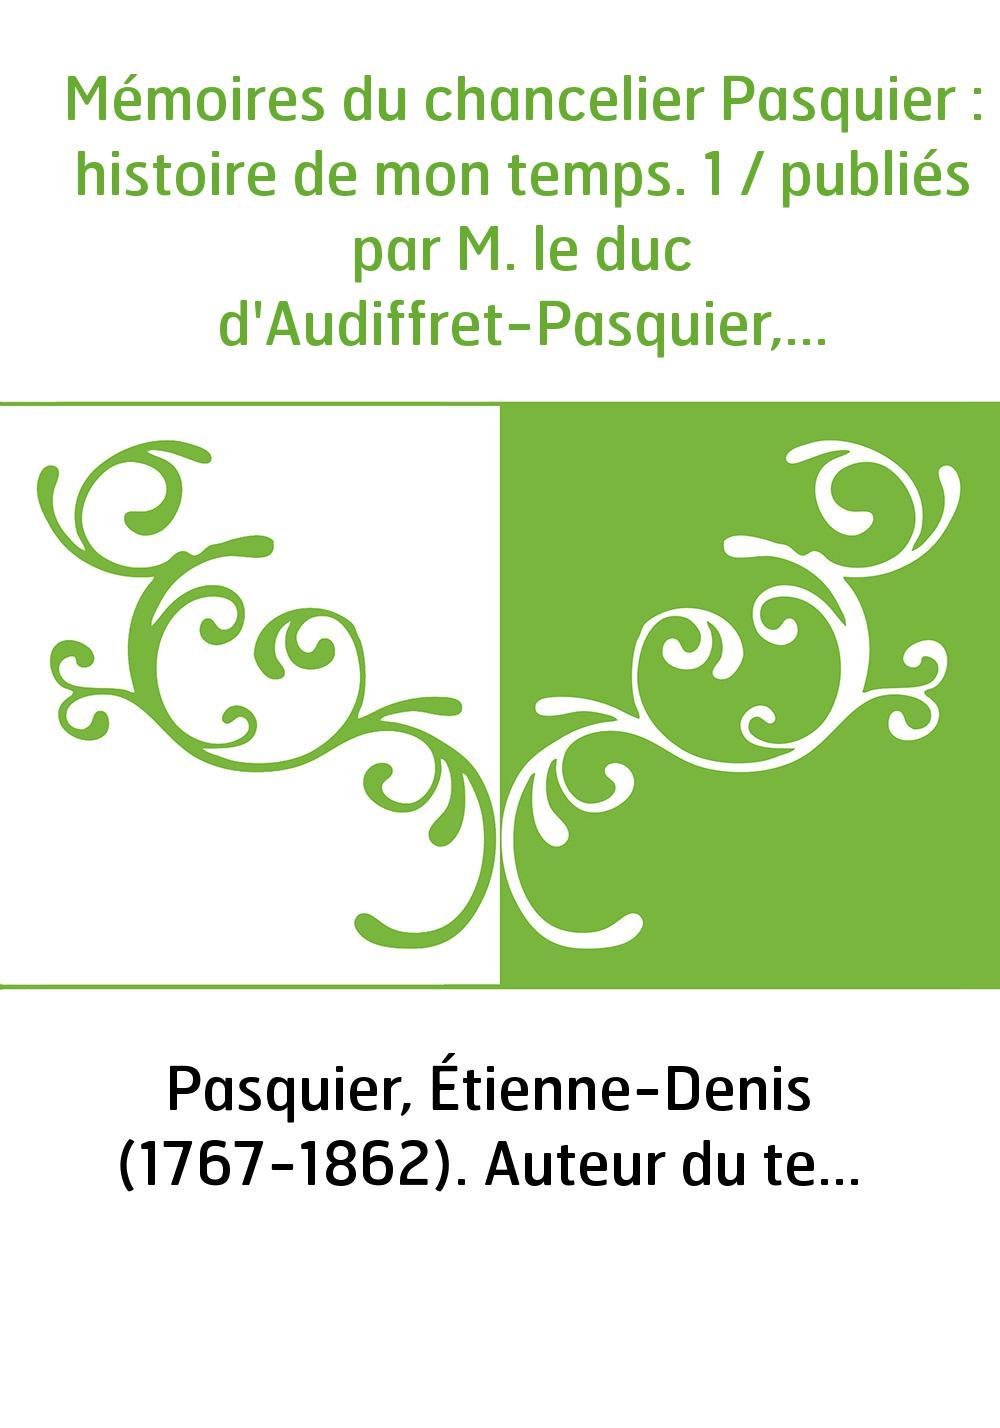 Mémoires du chancelier Pasquier : histoire de mon temps. 1 / publiés par M. le duc d'Audiffret-Pasquier,...